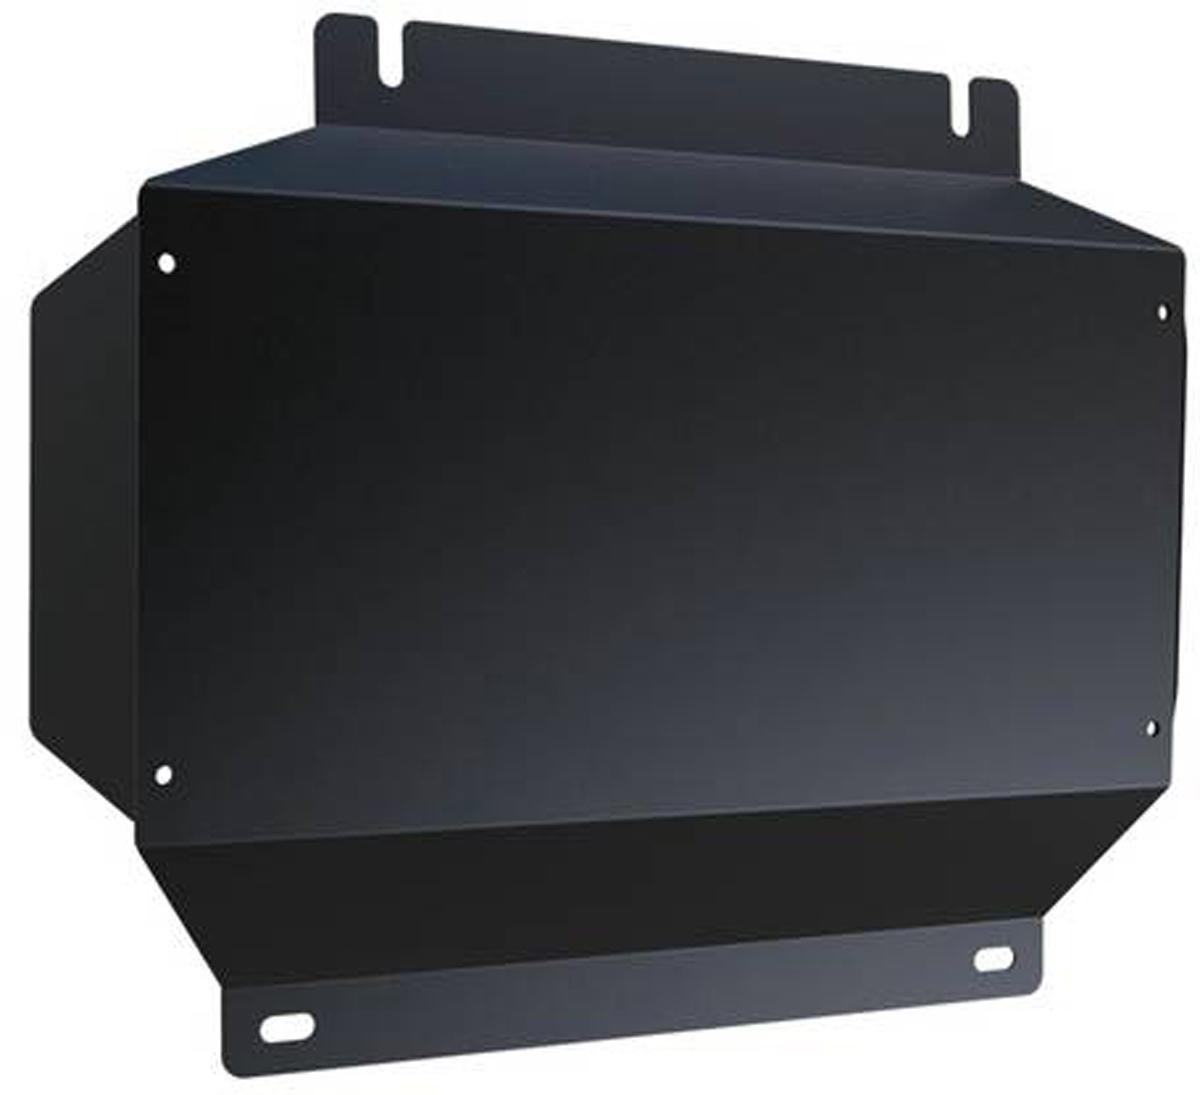 Защита картера Автоброня Mitsubishi Delica 1994-2007, часть 1 , сталь 2 мм111.04022.1Защита картера Автоброня Mitsubishi Delica, V - 2,8TD 1994-2007, часть 1 , сталь 2 мм, комплект крепежа, 111.04022.1 Дополнительно можно приобрести другие защитные элементы из комплекта: защита картера ч.2 - 111.04023.1Стальные защиты Автоброня надежно защищают ваш автомобиль от повреждений при наезде на бордюры, выступающие канализационные люки, кромки поврежденного асфальта или при ремонте дорог, не говоря уже о загородных дорогах. - Имеют оптимальное соотношение цена-качество. - Спроектированы с учетом особенностей автомобиля, что делает установку удобной. - Защита устанавливается в штатные места кузова автомобиля. - Является надежной защитой для важных элементов на протяжении долгих лет. - Глубокий штамп дополнительно усиливает конструкцию защиты. - Подштамповка в местах крепления защищает крепеж от срезания. - Технологические отверстия там, где они необходимы для смены масла и слива воды, оборудованные заглушками, закрепленными на защите. Толщина стали 2 мм. В комплекте крепеж и инструкция по установке.Уважаемые клиенты! Обращаем ваше внимание на тот факт, что защита имеет форму, соответствующую модели данного автомобиля. Наличие глубокого штампа и лючков для смены фильтров/масла предусмотрено не на всех защитах. Фото служит для визуального восприятия товара.